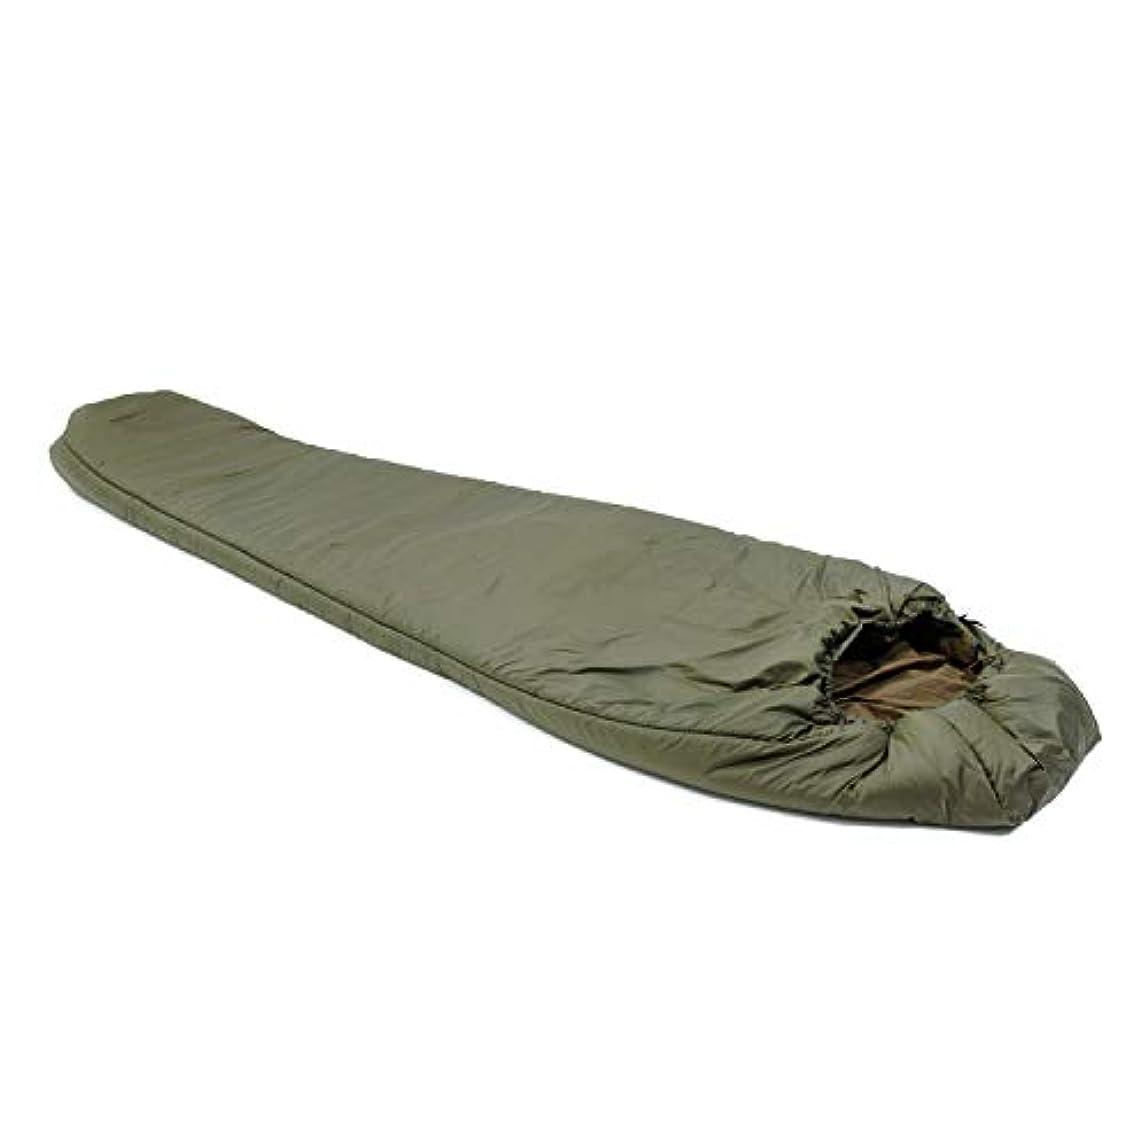 浴ゴミ哀Snugpak Softie 9 Hawk Sleeping Bag Olive [並行輸入品]